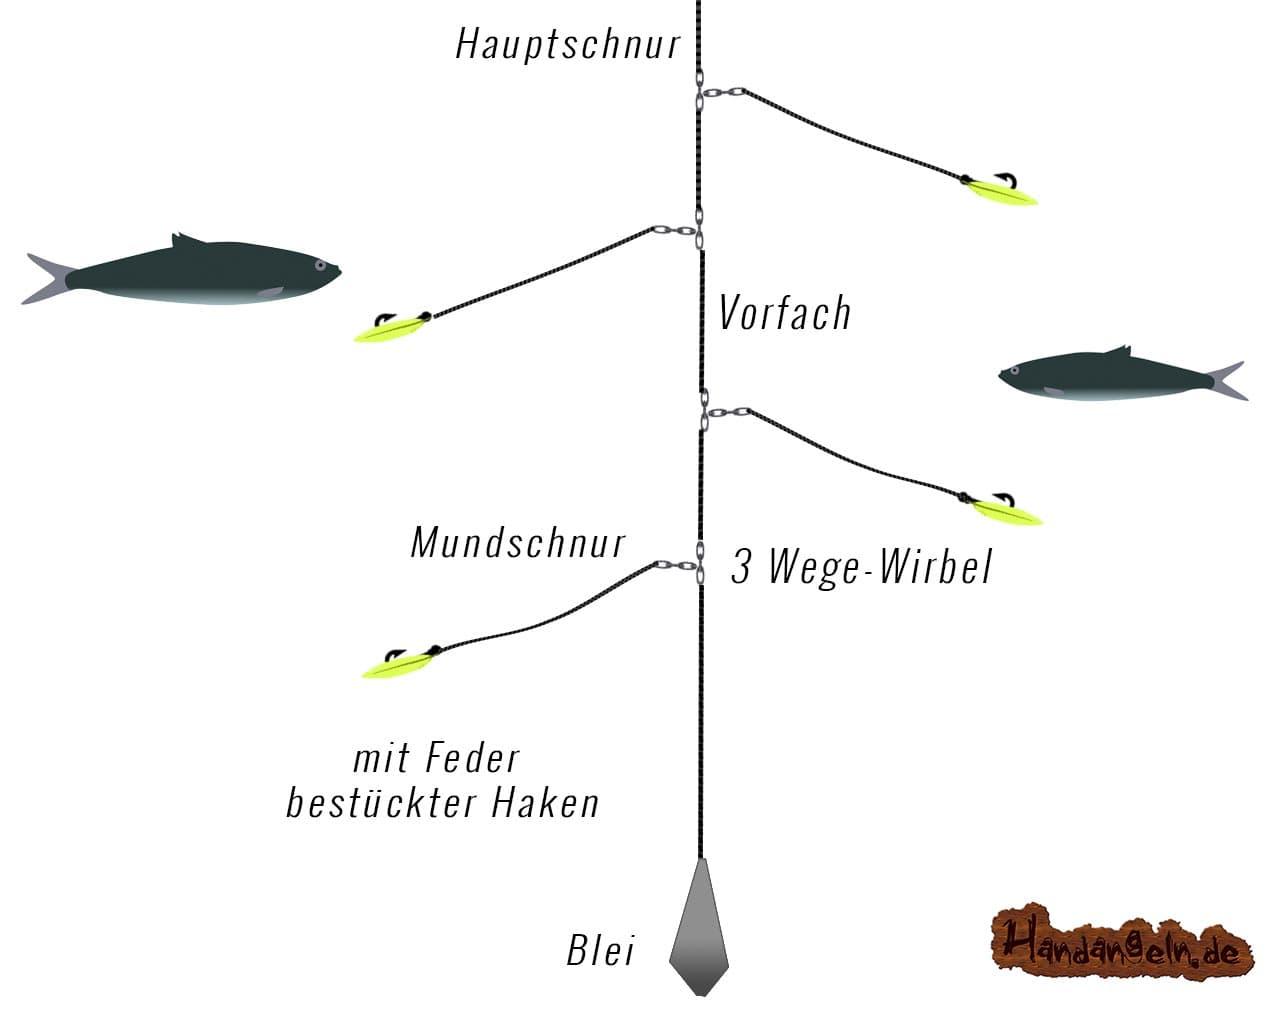 Makrelen-Montage